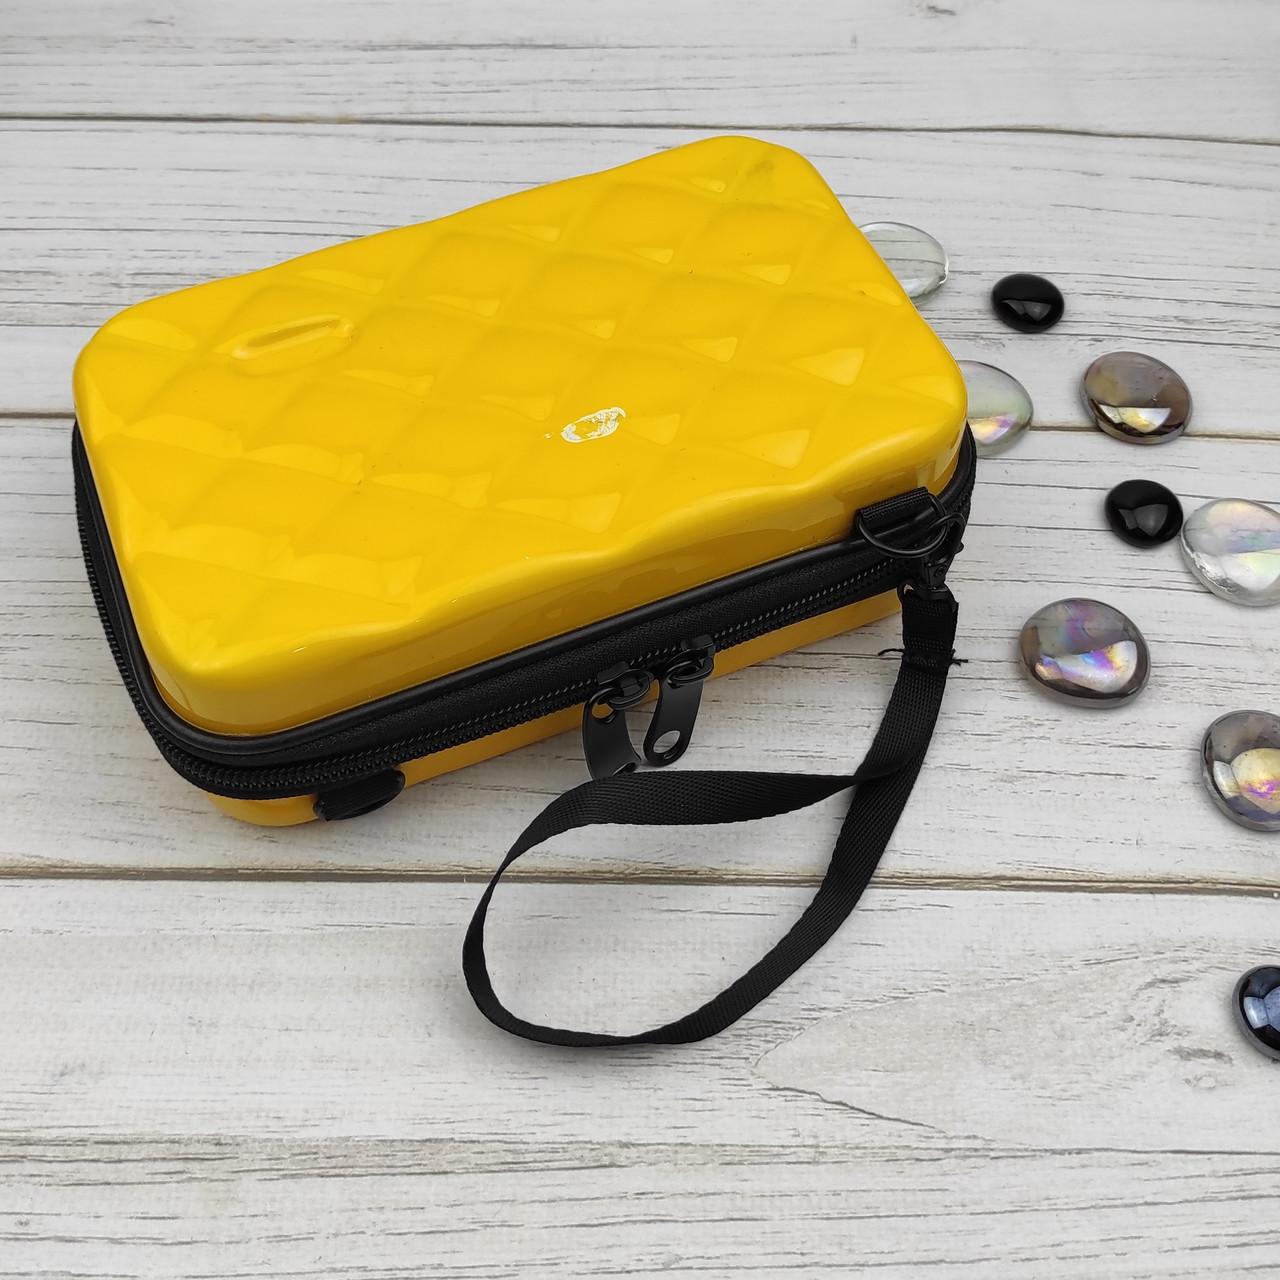 Сумка-косметичка 6312 (желтая) пластиковая через плечо (175*105*57 мм) Уценка